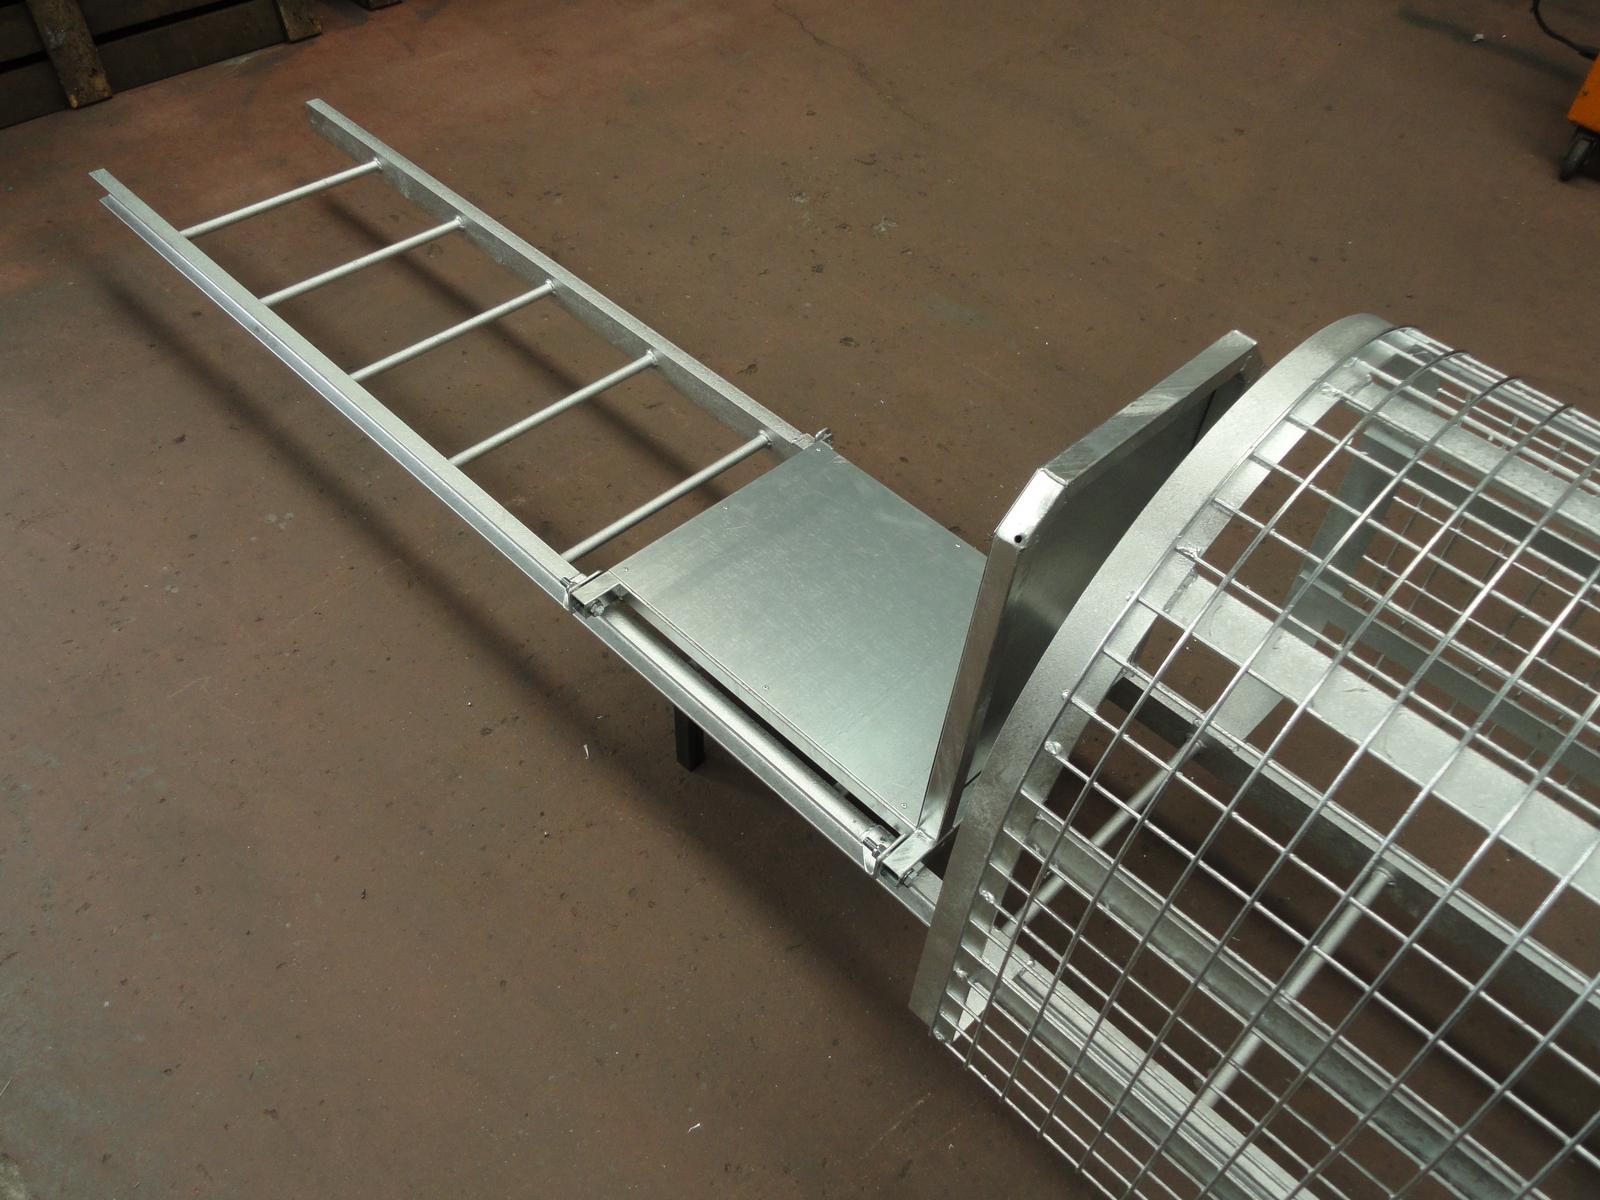 Escaleras de gato con quitamiedos y guardas - Escalera de gato con proteccion ...